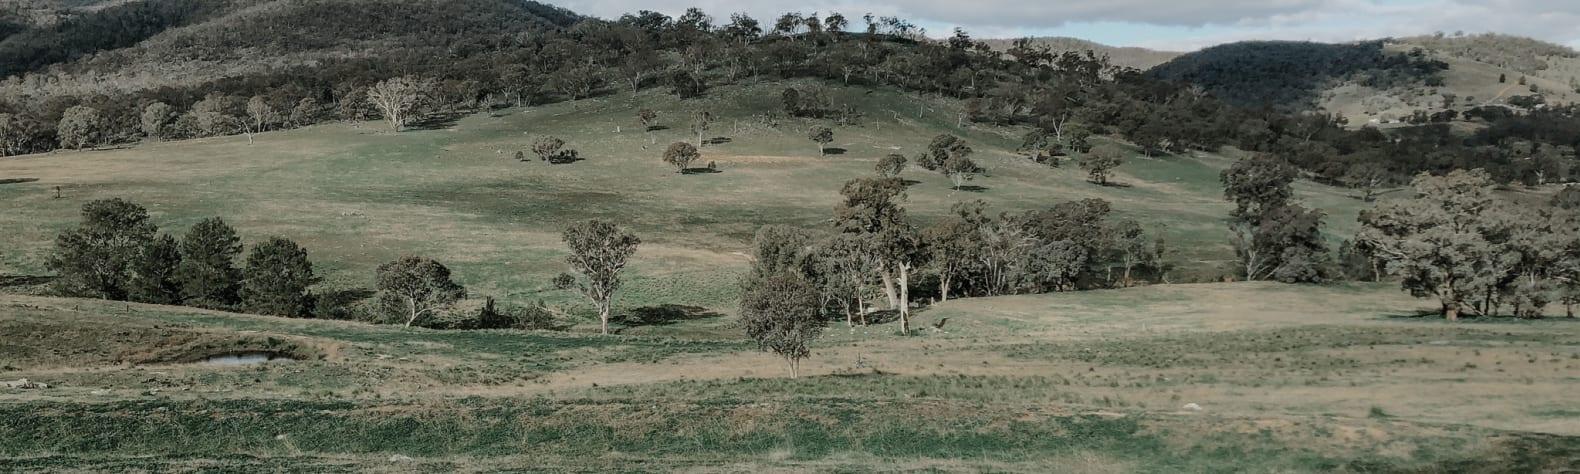 Kate W.'s Land